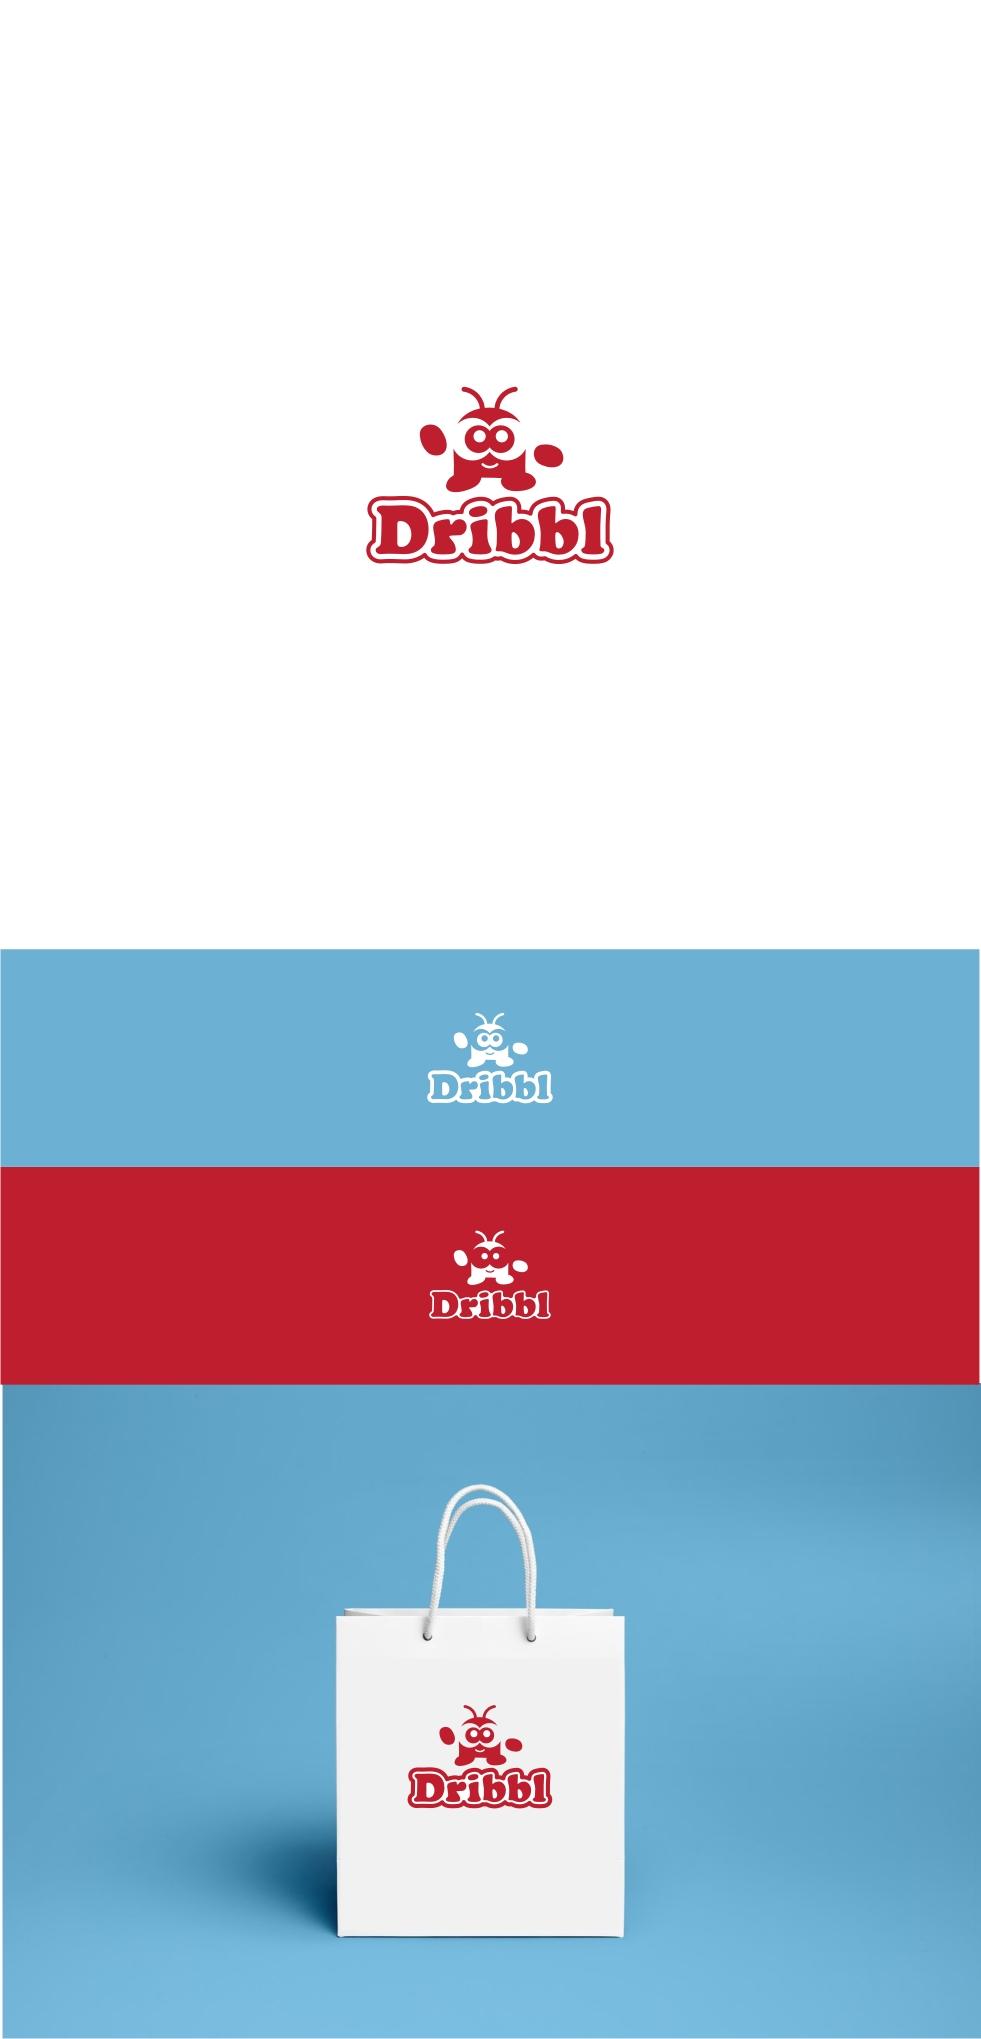 Разработка логотипа для сайта Dribbl.ru фото f_3495aa02f28e9064.jpg